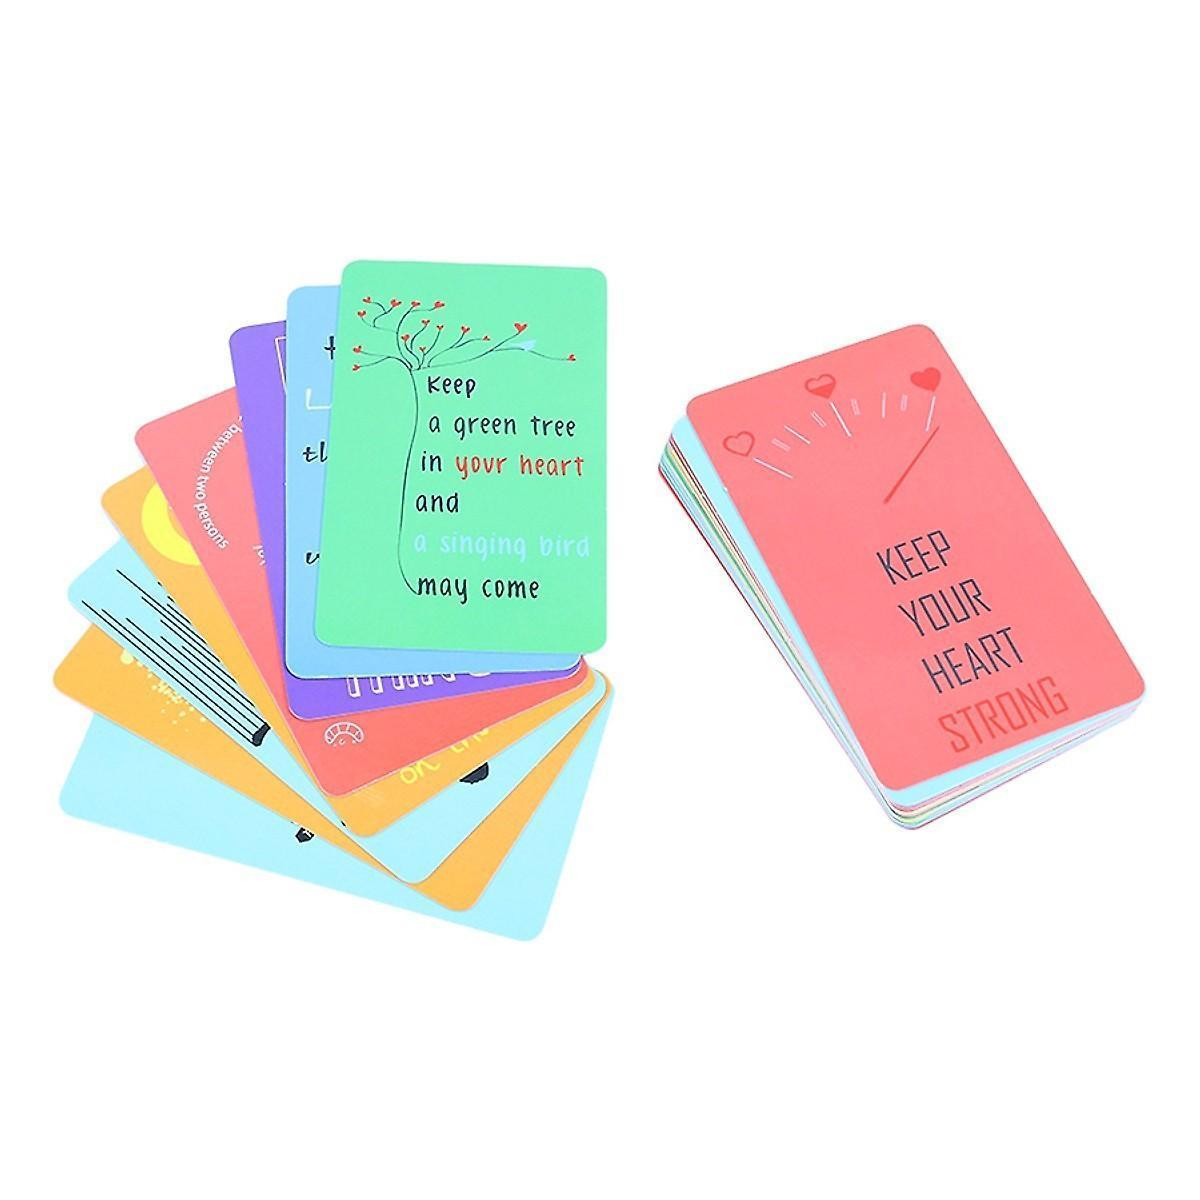 Combo 2 Cuốn Sách Kinh Tế Hay: Tôi Tài Giỏi - Bạn Cũng Thế (Tái Bản 2019) + Bí Mật Tư Duy Triệu Phú (Tái Bản 2019) / Những Cuốn Sách Hay Về Kỹ Năng Làm Việc - Tặng Kèm Bookmark Happy Life